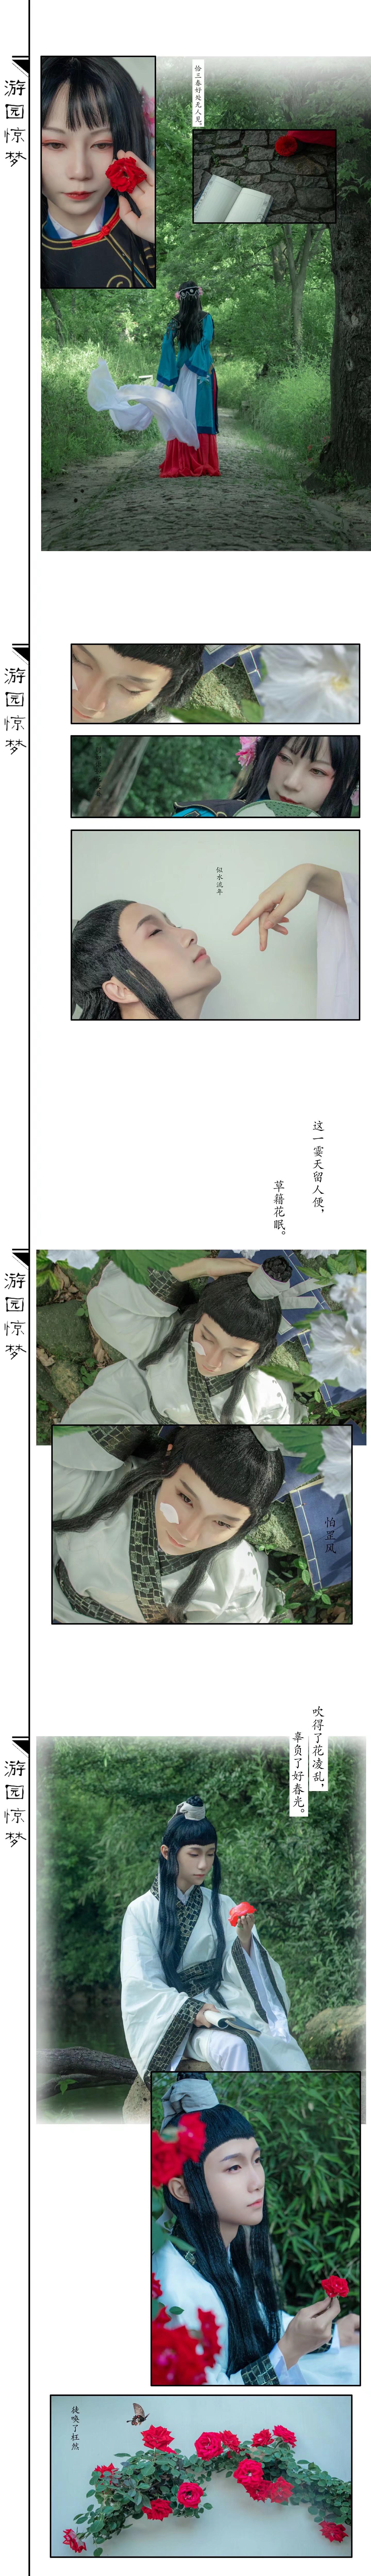 《游园惊梦》古风cosplay【CN:_仙鹤顶上红_】-第14张